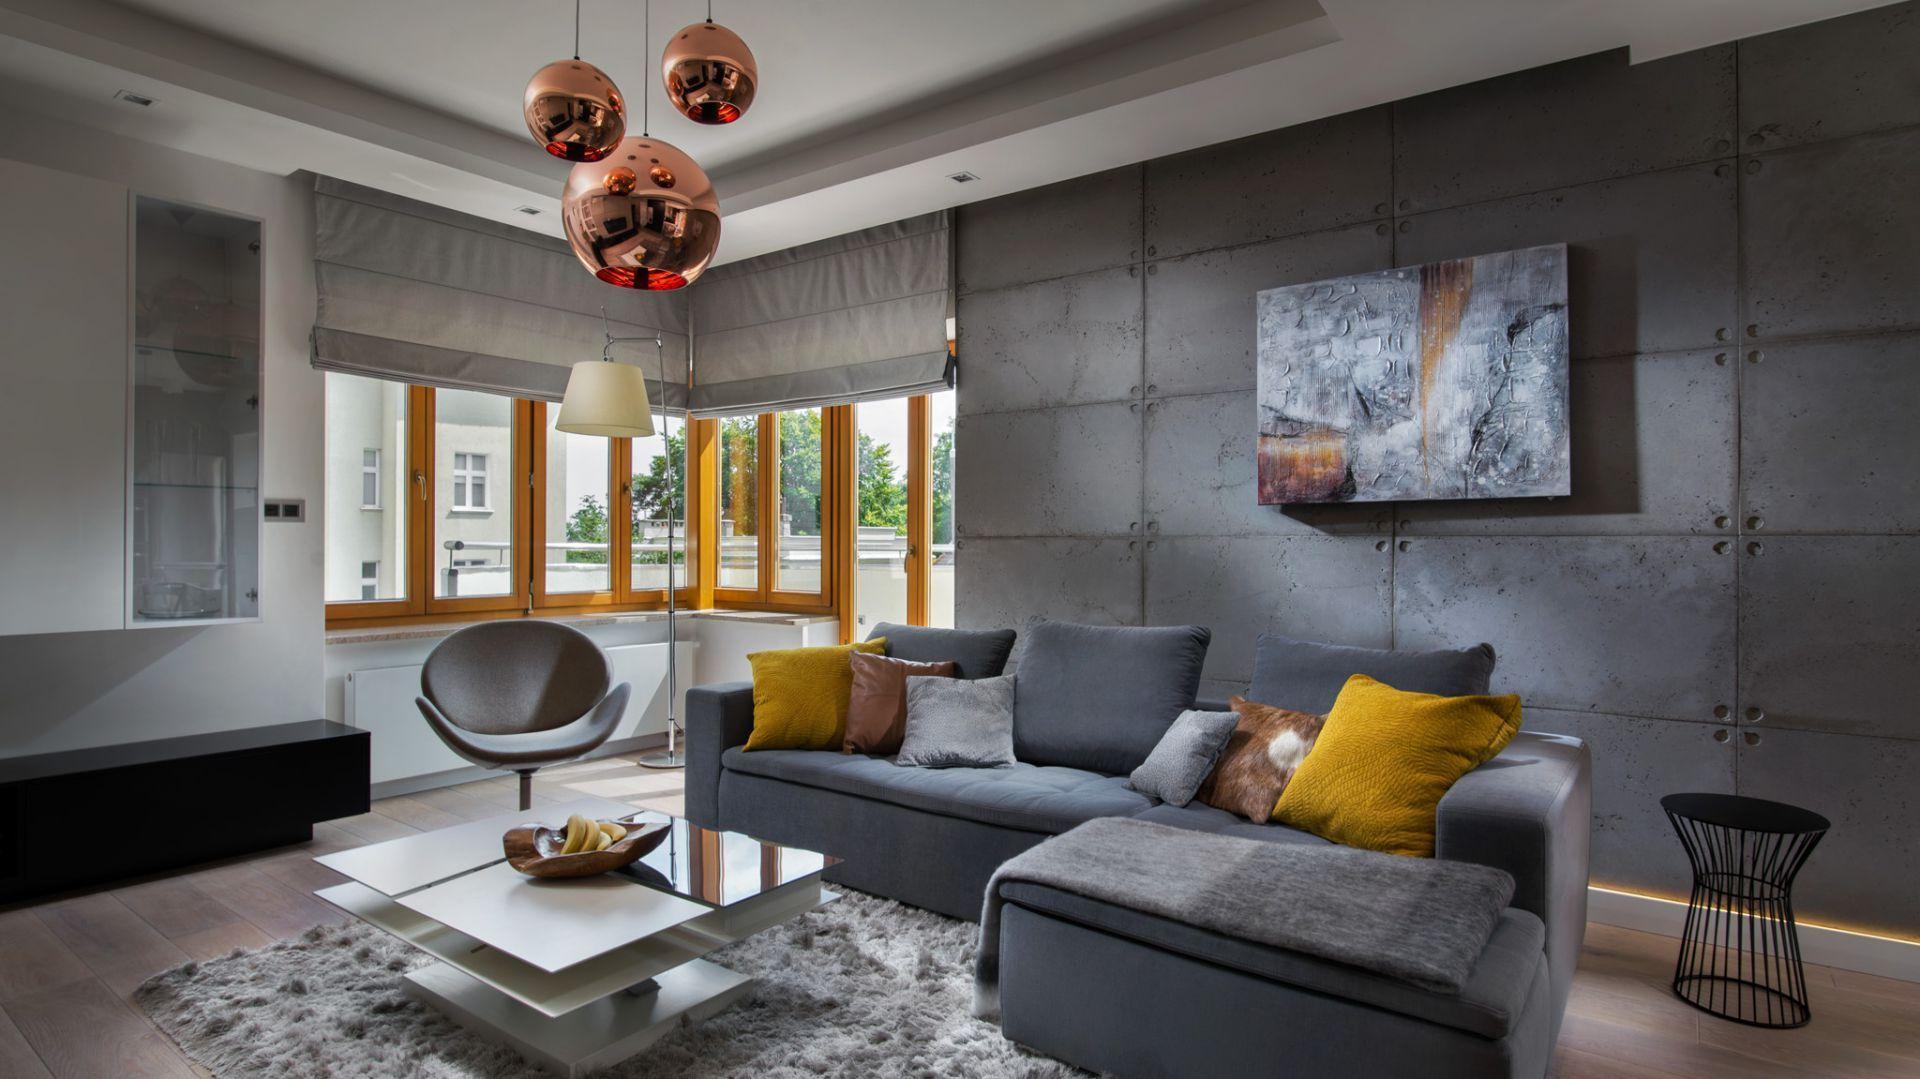 Pomysł na ścianę za kanapą w salonie - beton na ścianie. Projekt: Agnieszka Hajdas-Obajtek. Fot. Wojciech Kic